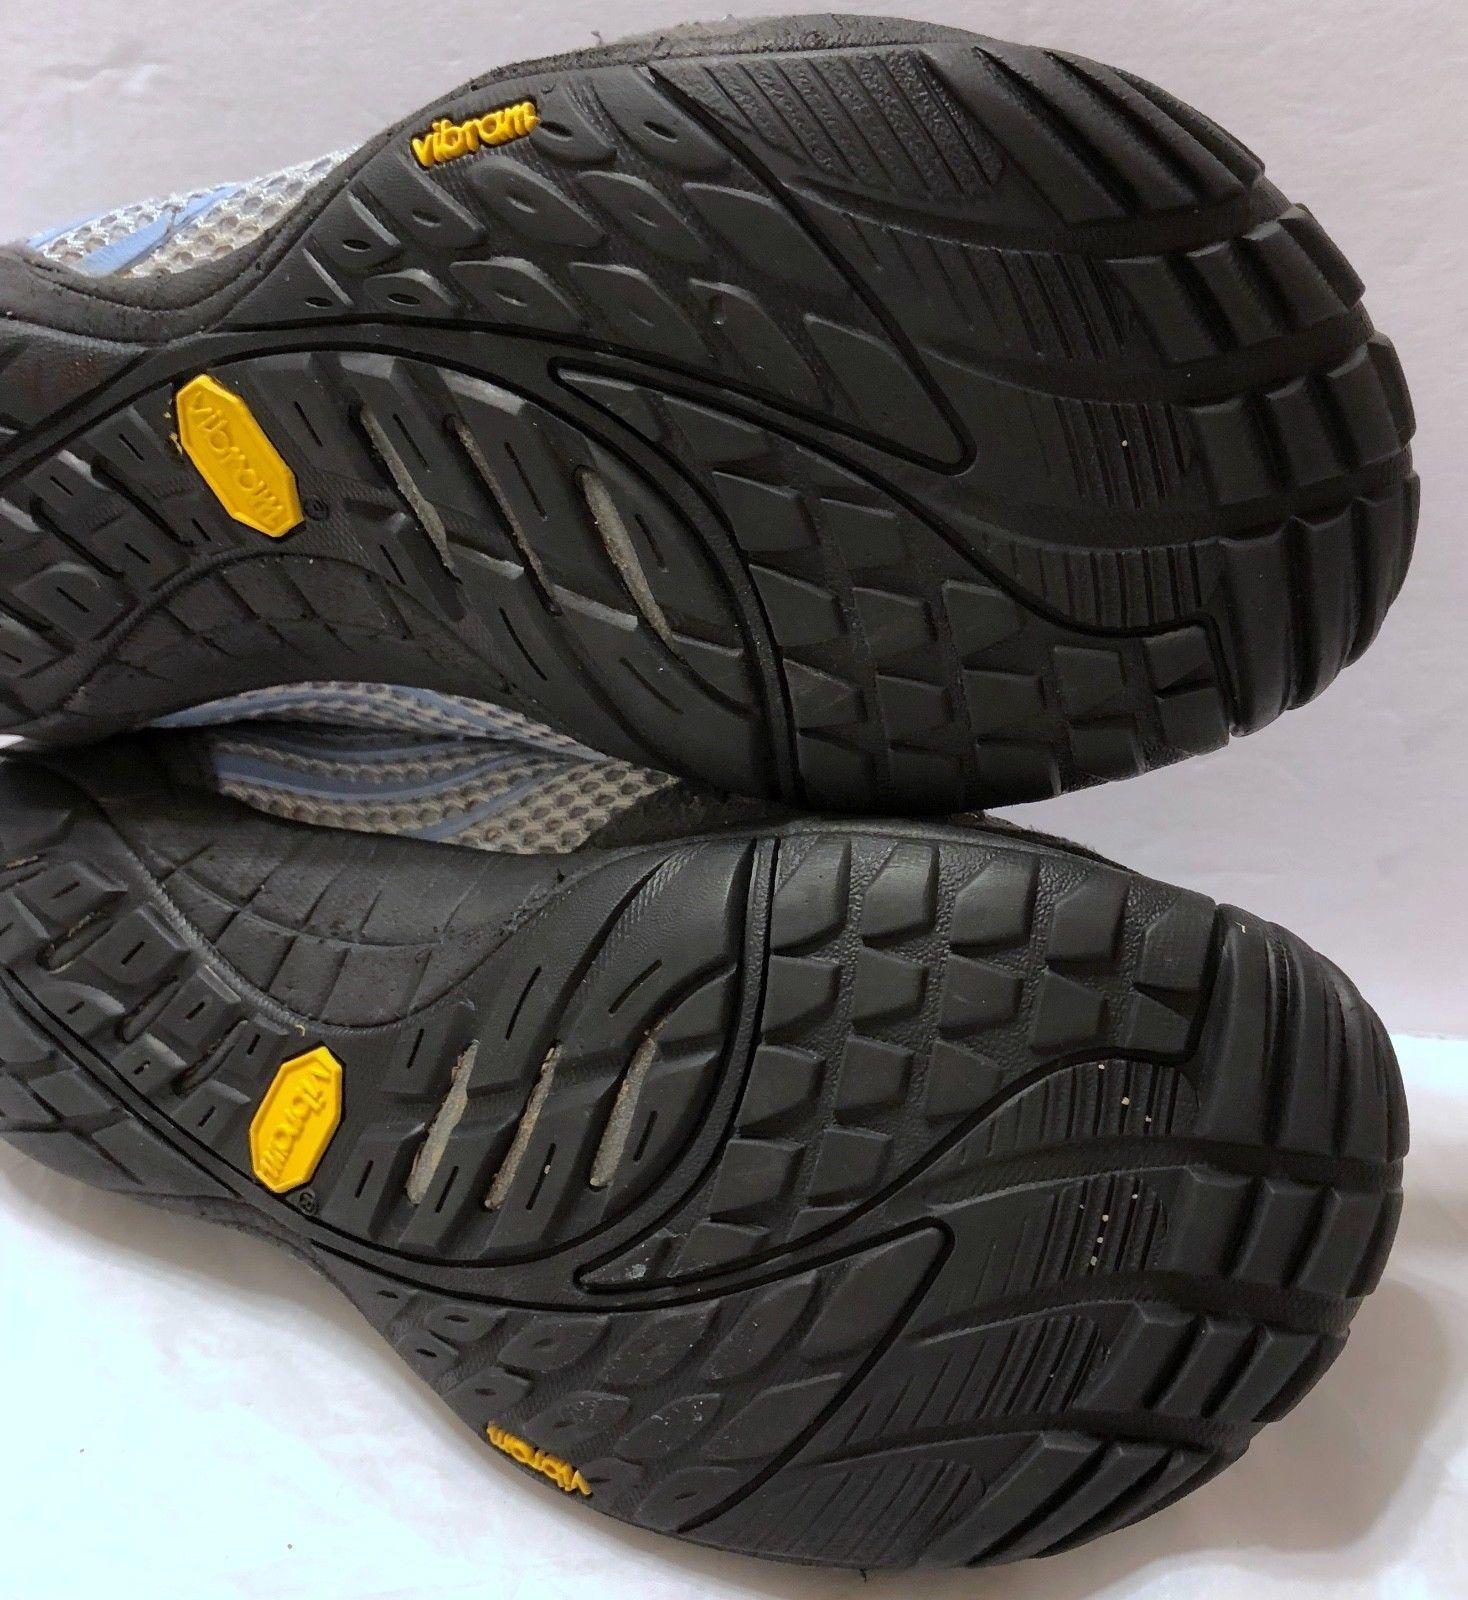 Merrell Pace Glove Lavender Lustre Shoes Sz 6.5 Durable Water Resistance Blue